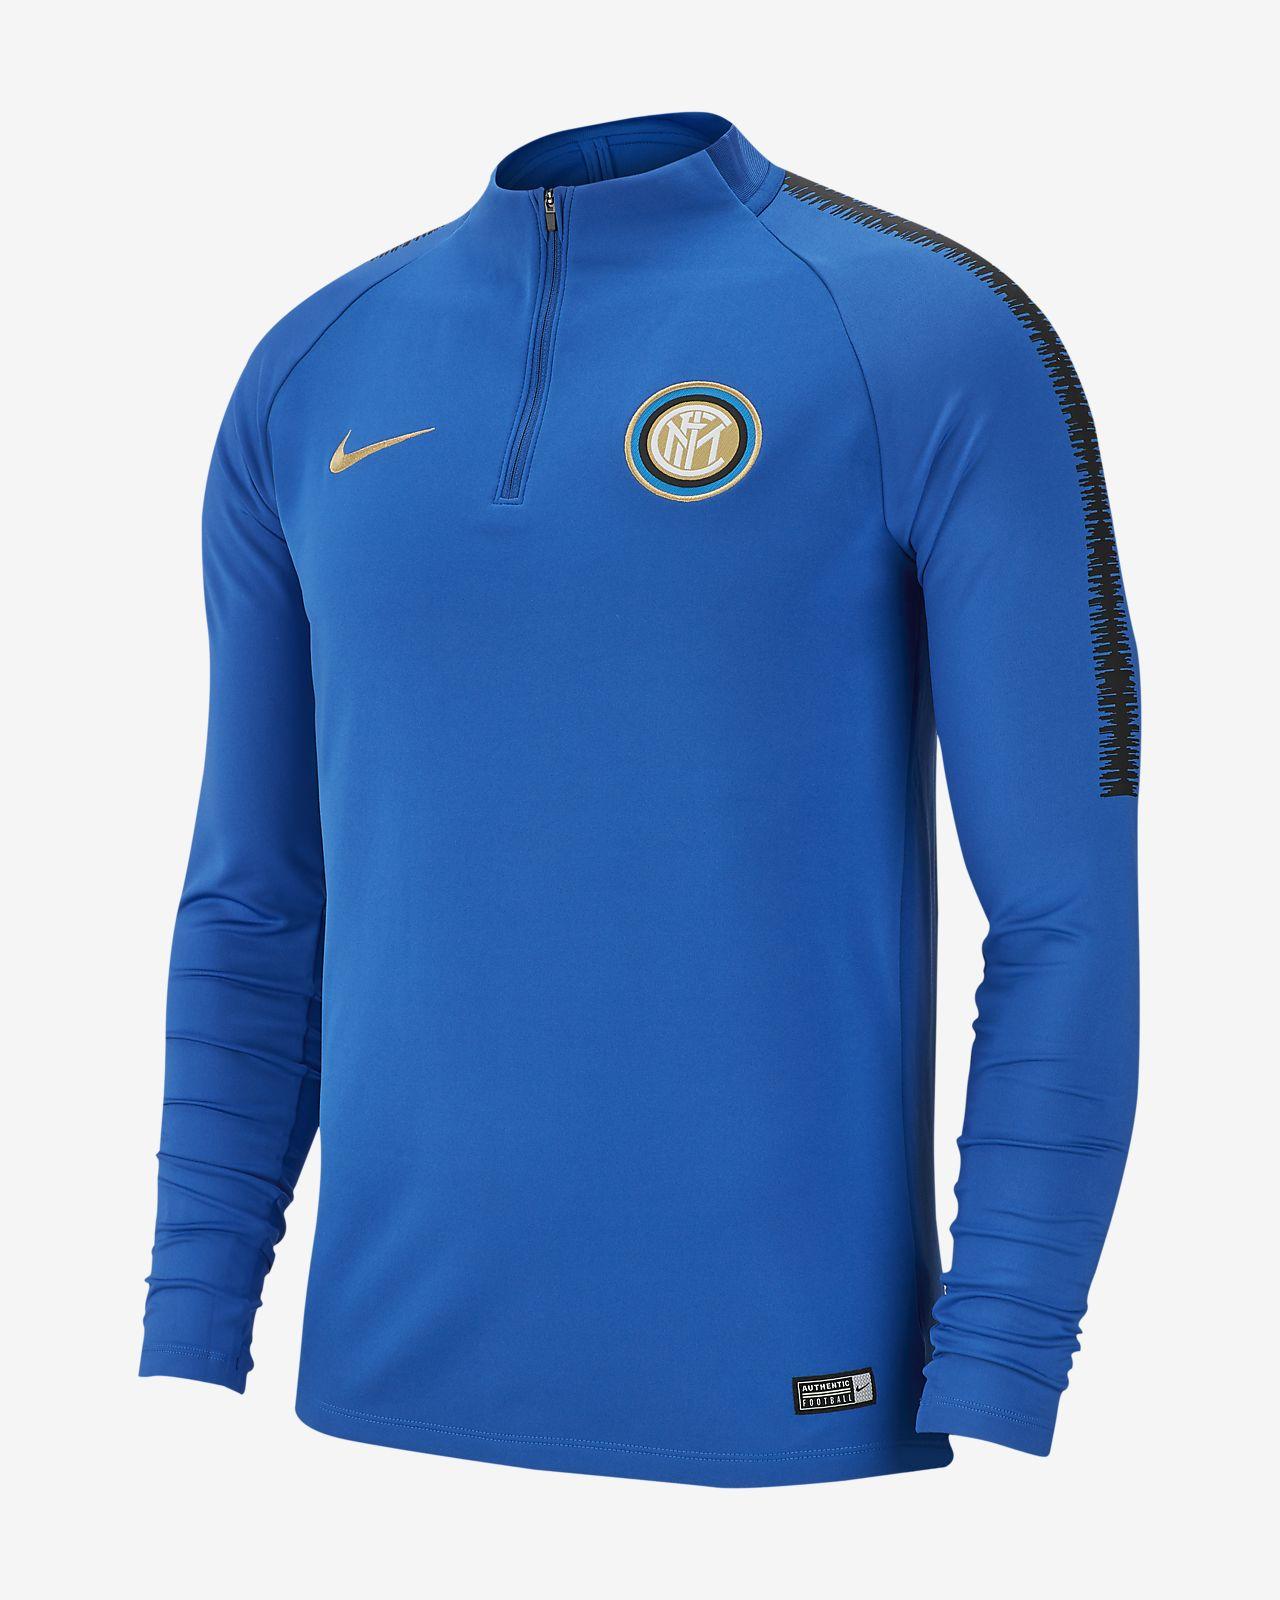 Calcio Uomo Fit Da Manica A Dri Squad Drill Lunga Maglia Inter 5qvg0v